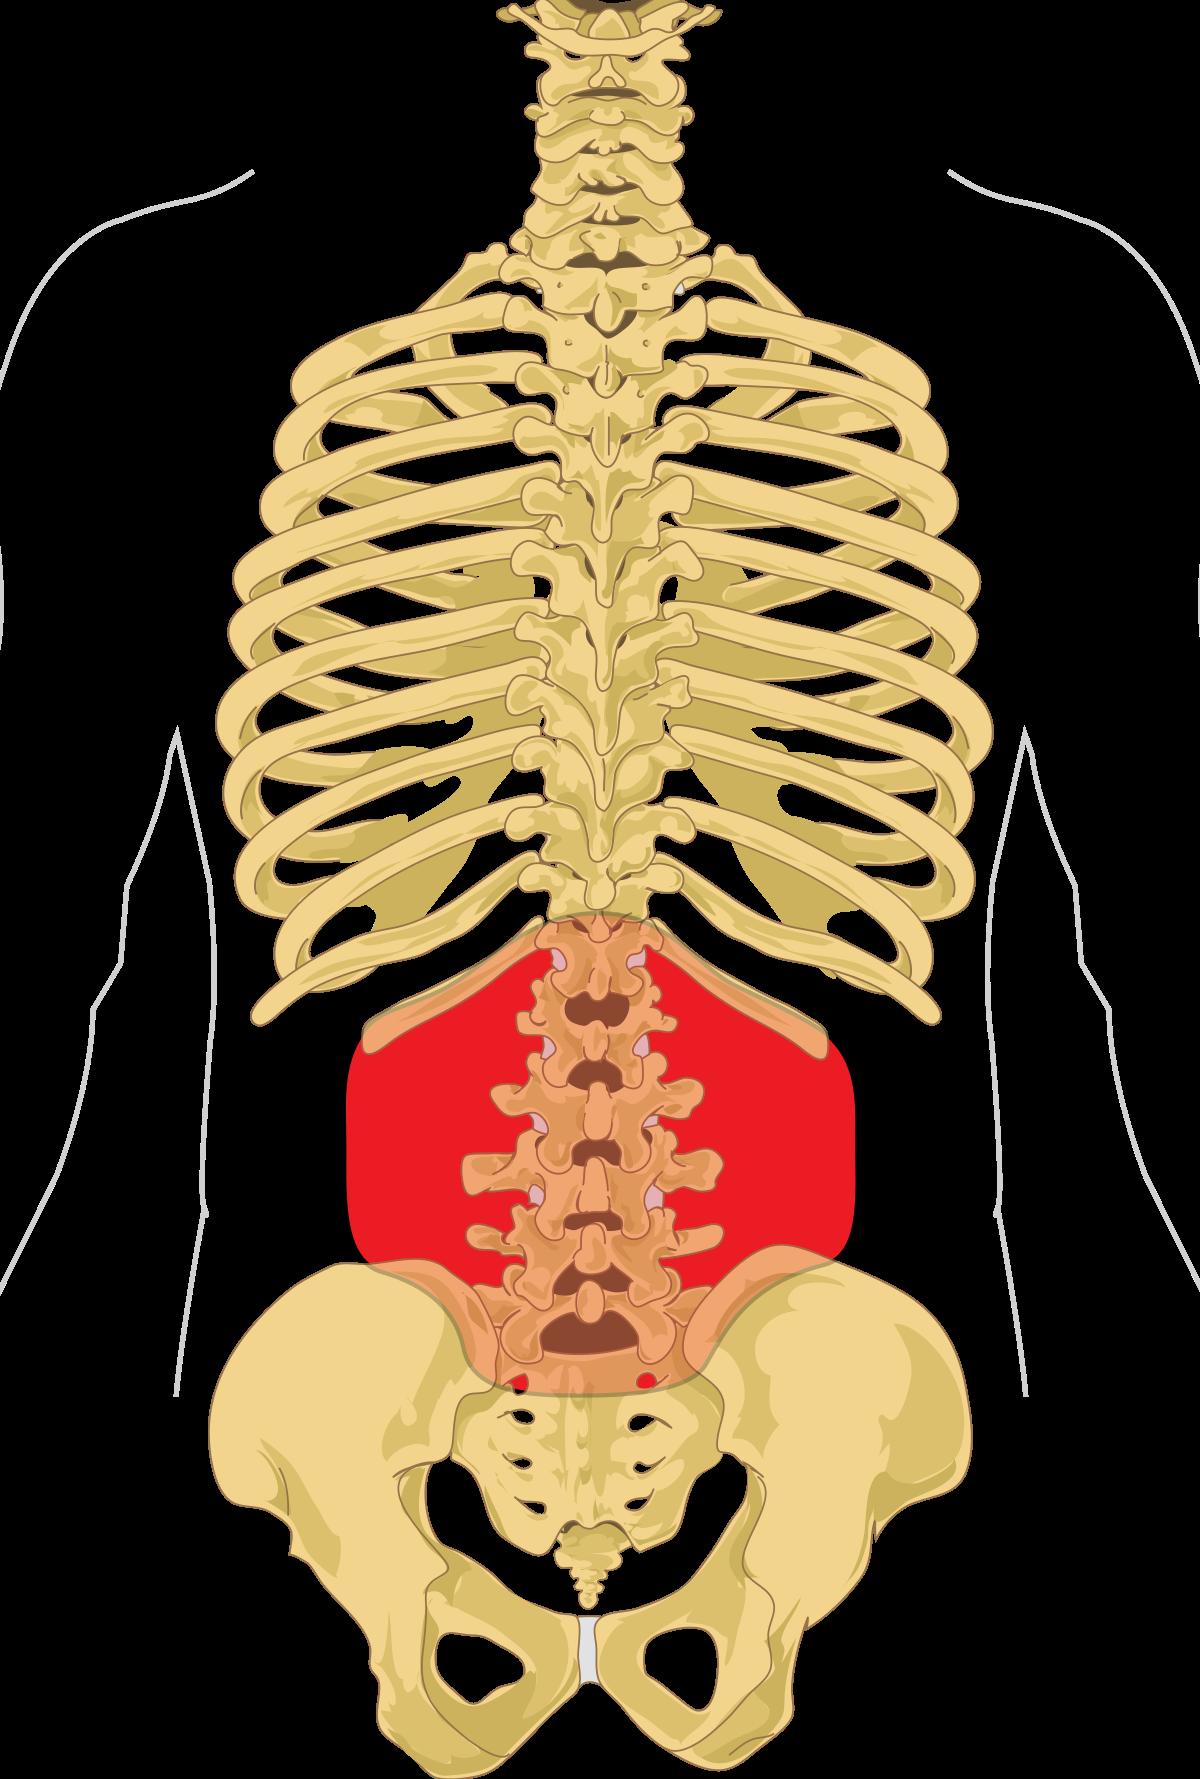 erekció után jelentkező fájdalom a has alsó részén